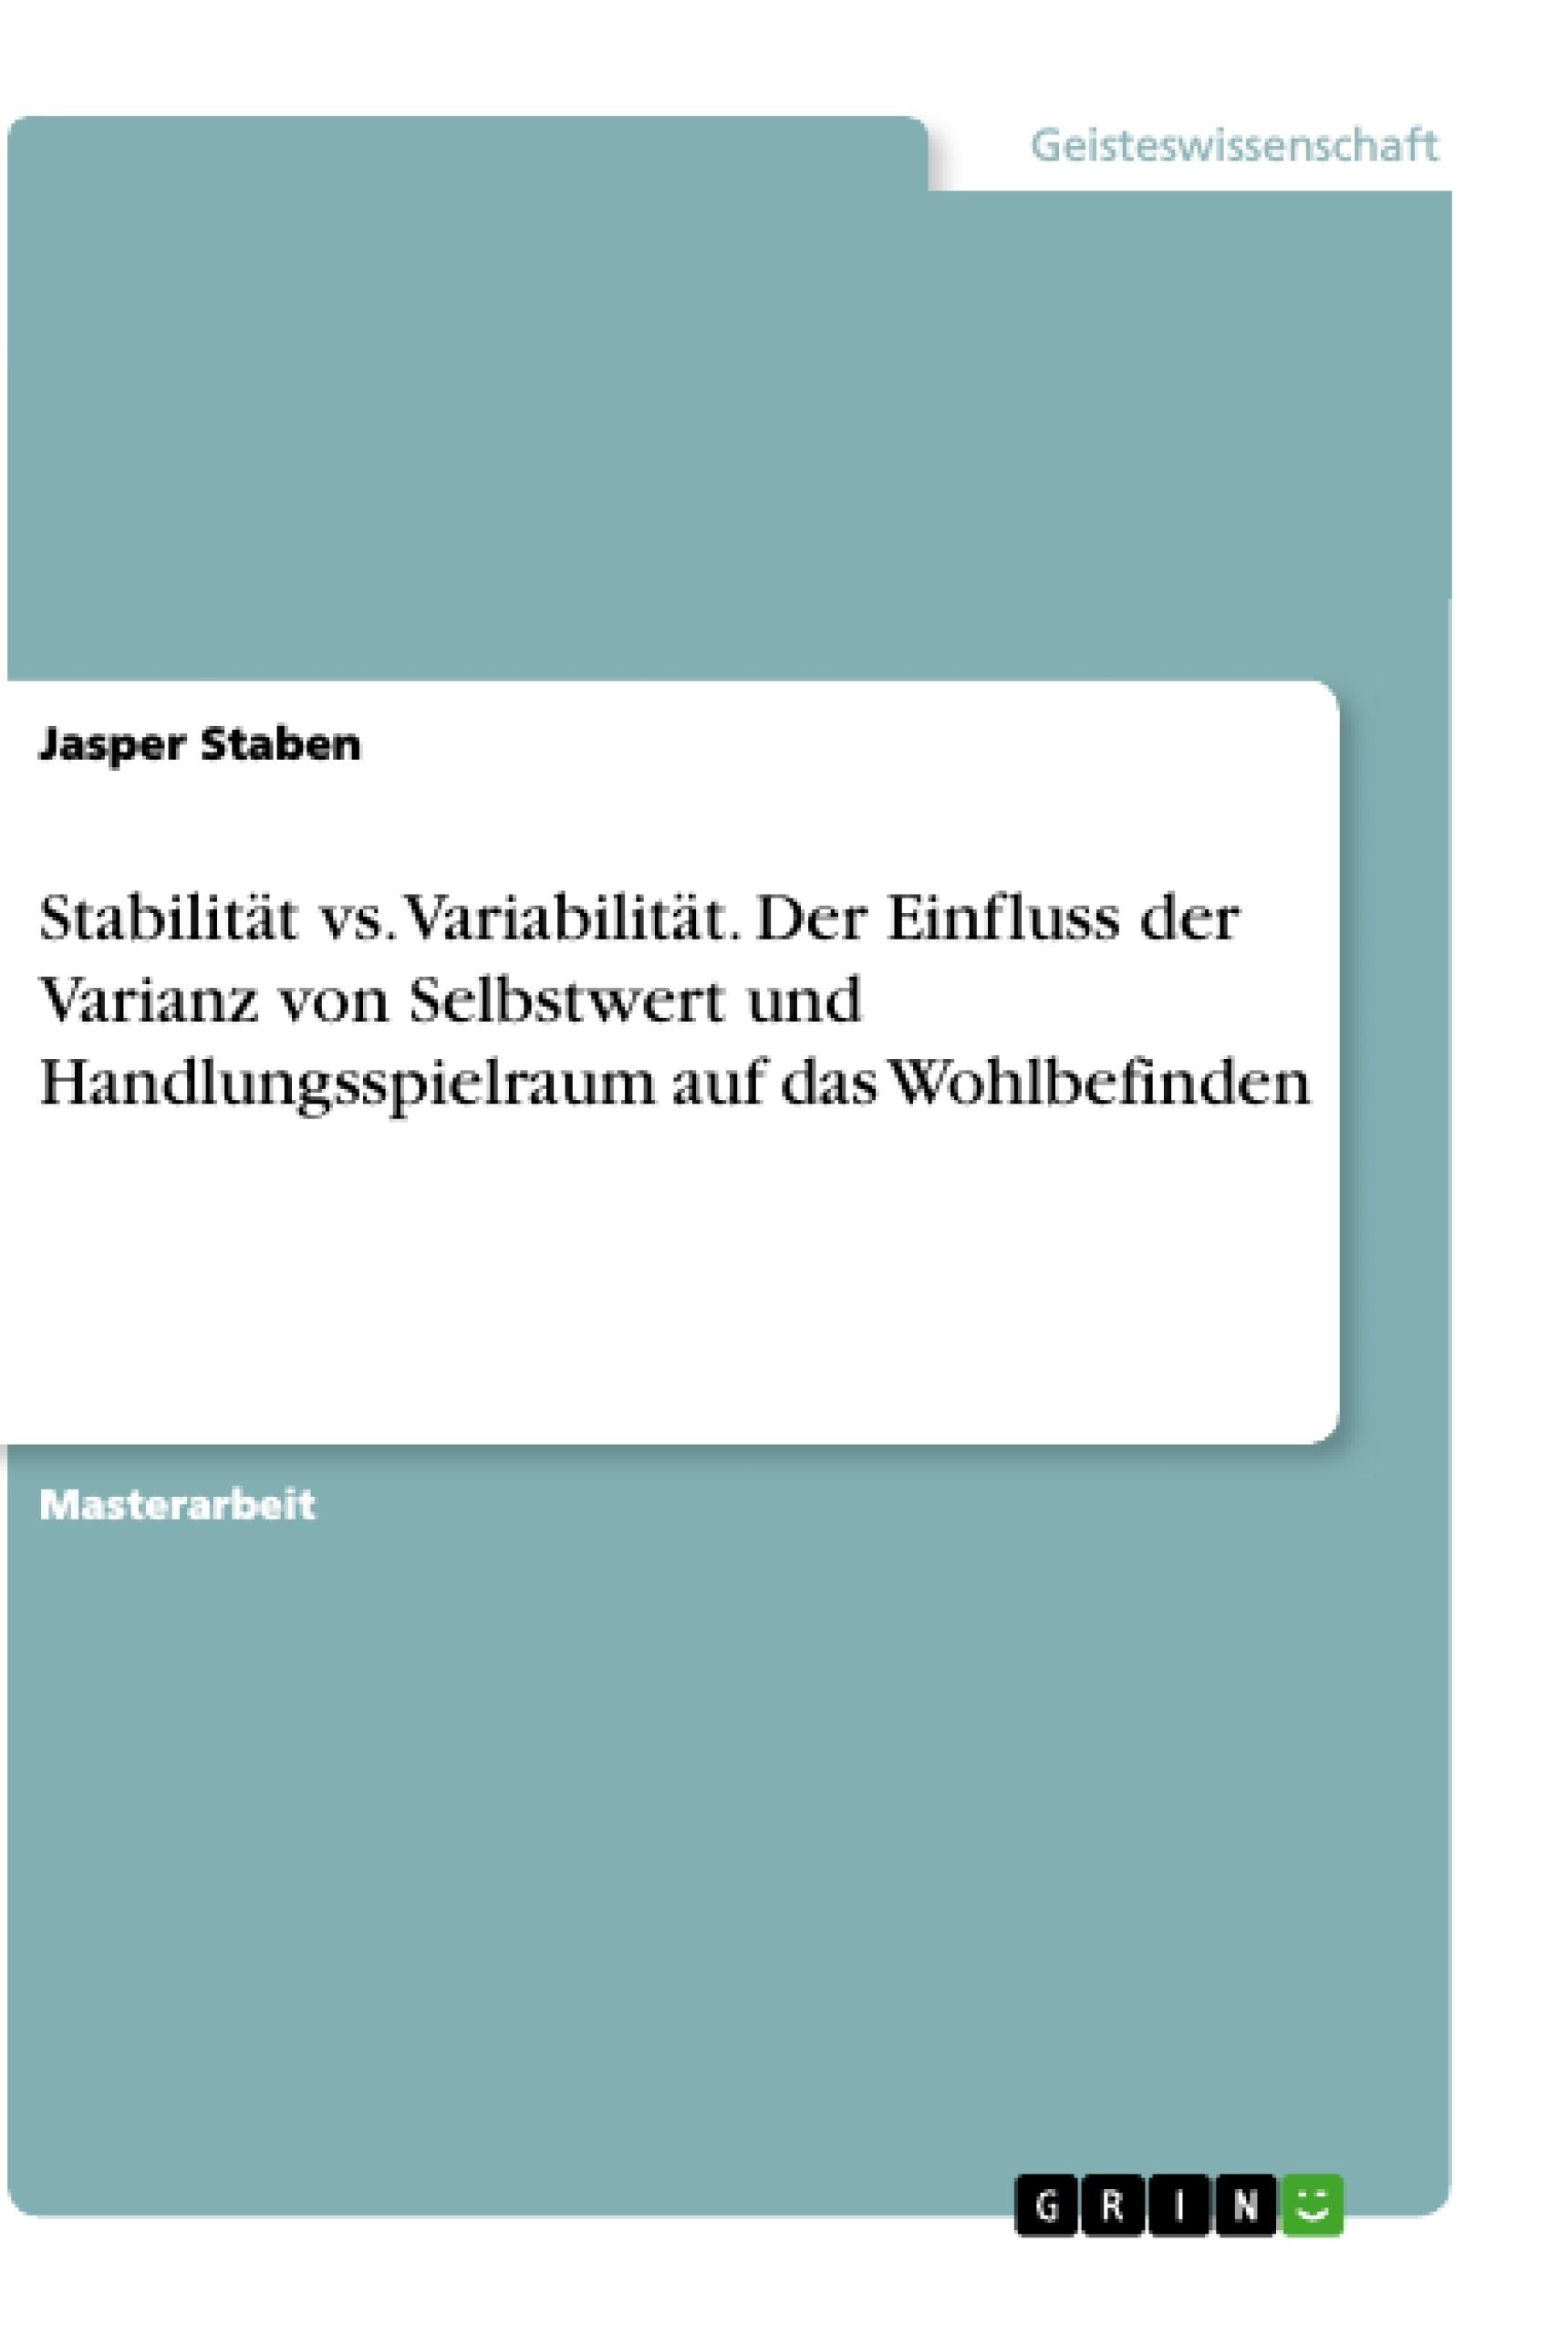 Titel: Stabilität vs. Variabilität. Der Einfluss der Varianz von Selbstwert und Handlungsspielraum auf das Wohlbefinden